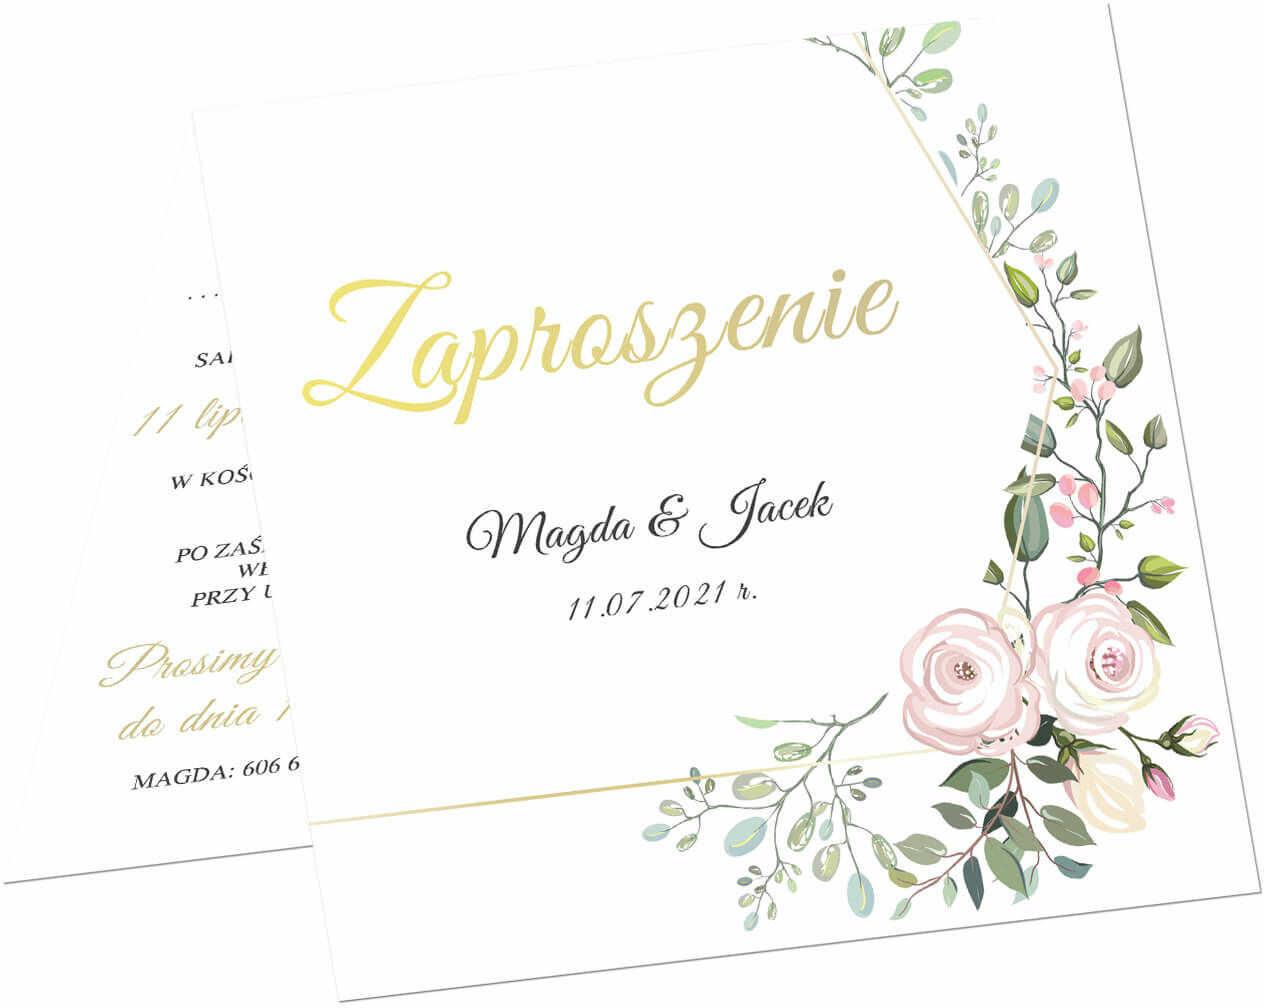 Zaproszenie personalizowane na ślub z kopertą - 6 szt.